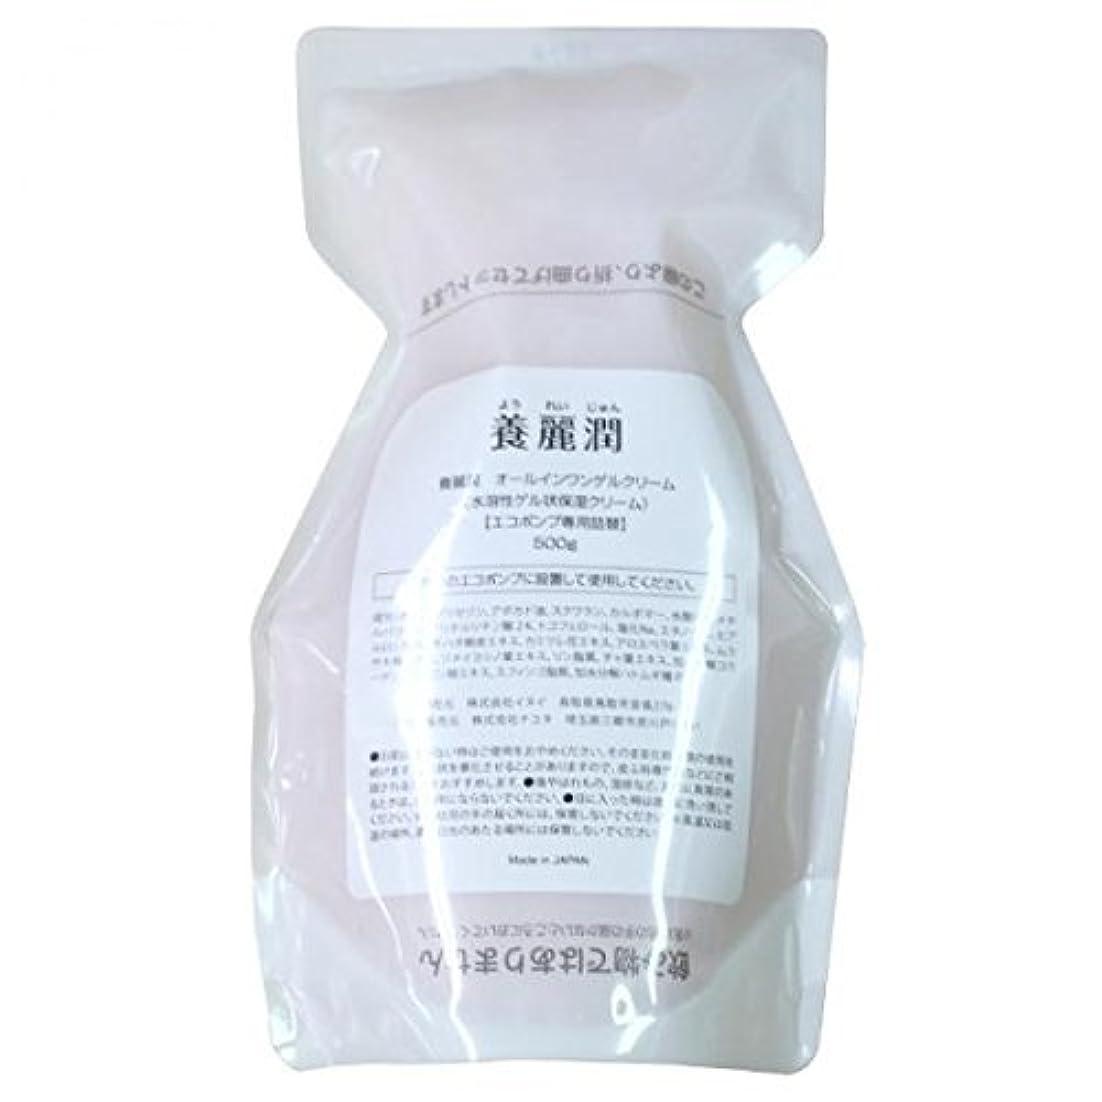 もピンポイント配管養麗潤(ようれいじゅん) 詰め替え用500g